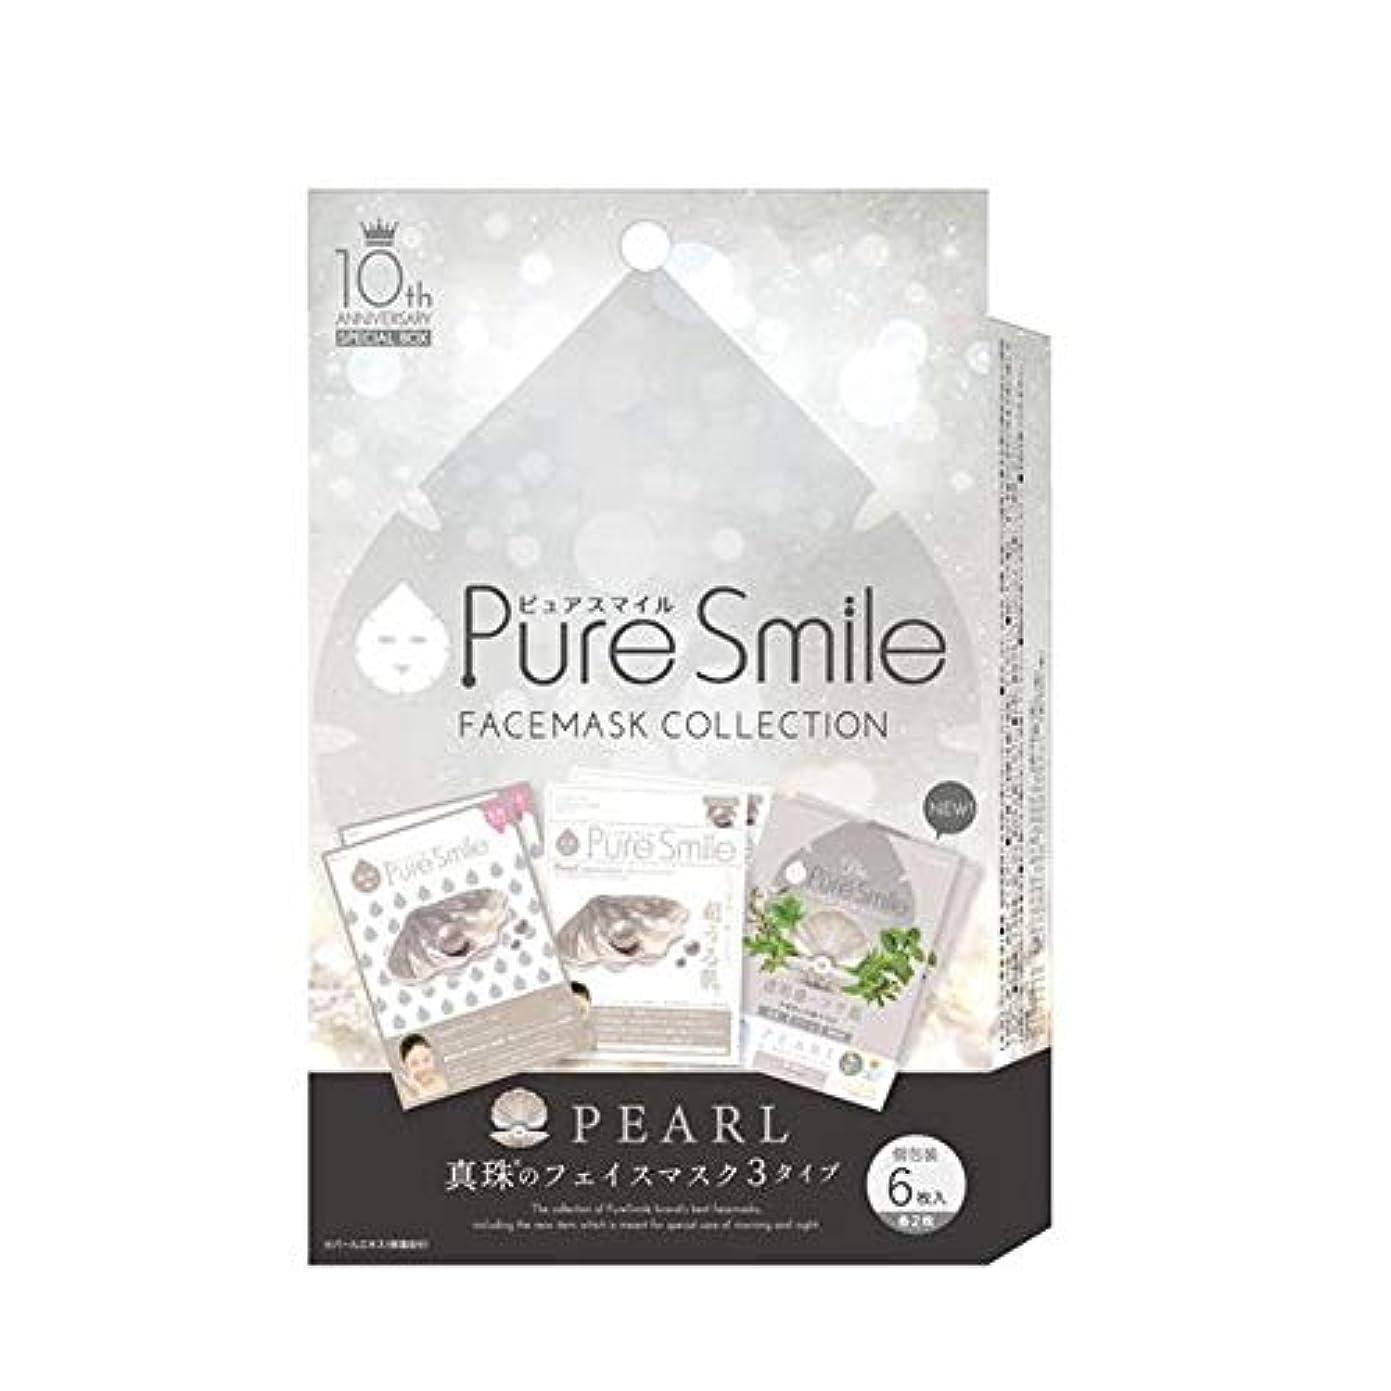 ラメ無視するシャトルピュア スマイル Pure Smile 10thアニバーサリー スペシャルボックス 真珠 6枚入り